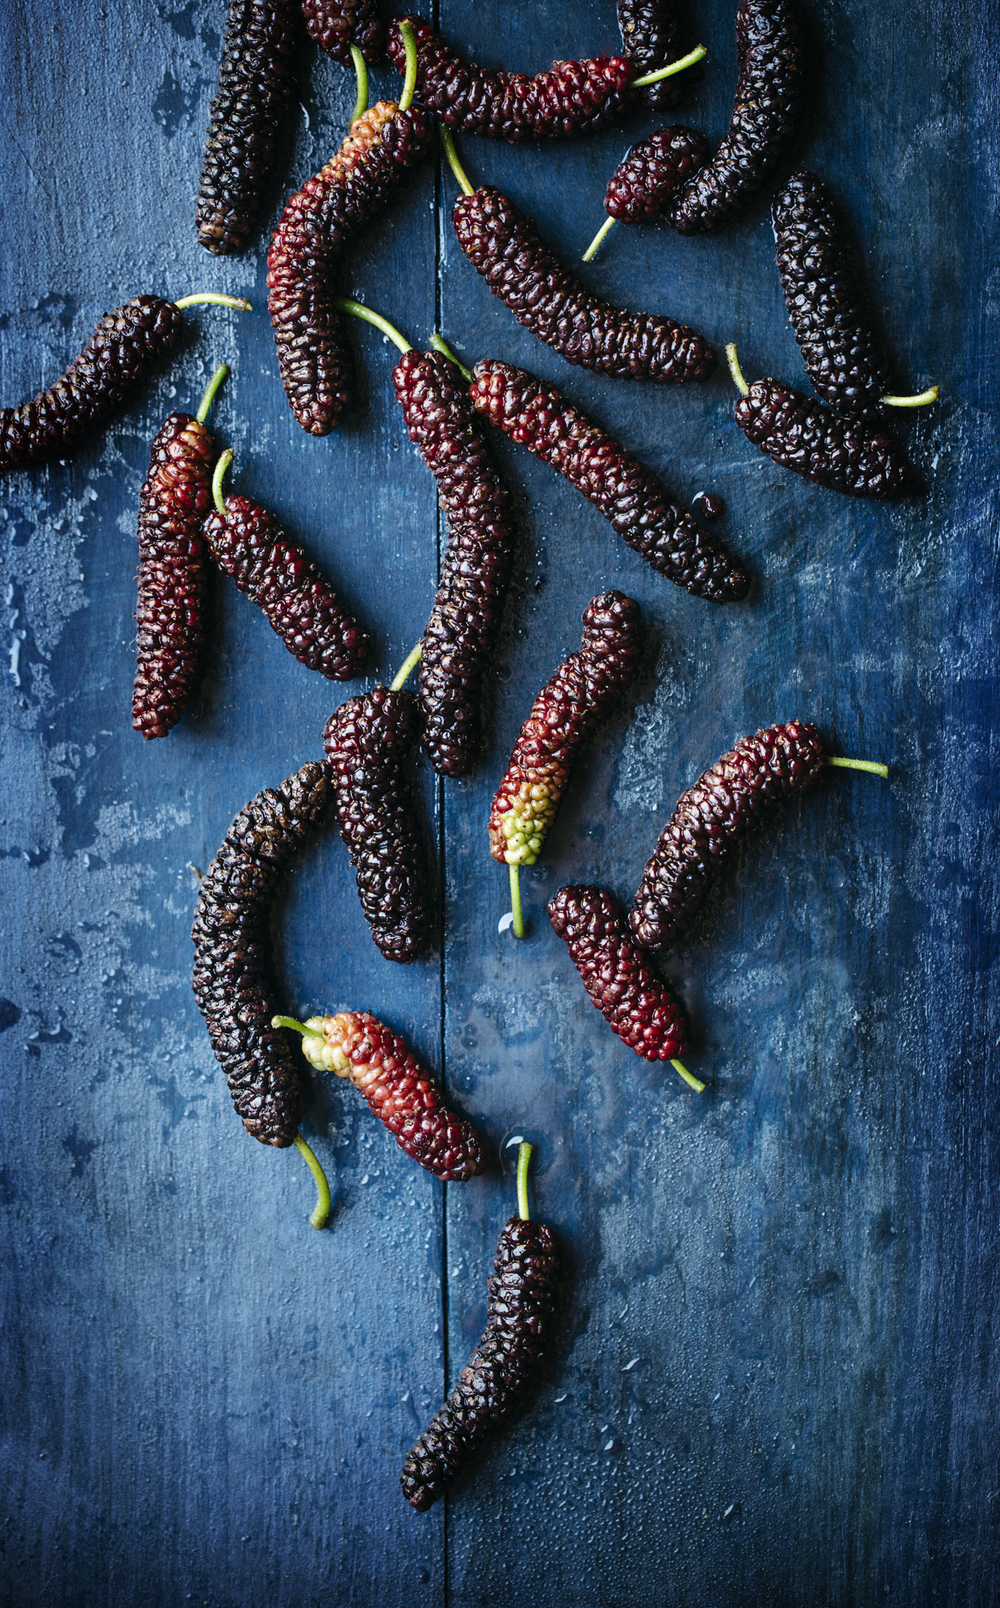 freshly rinsed mulberries